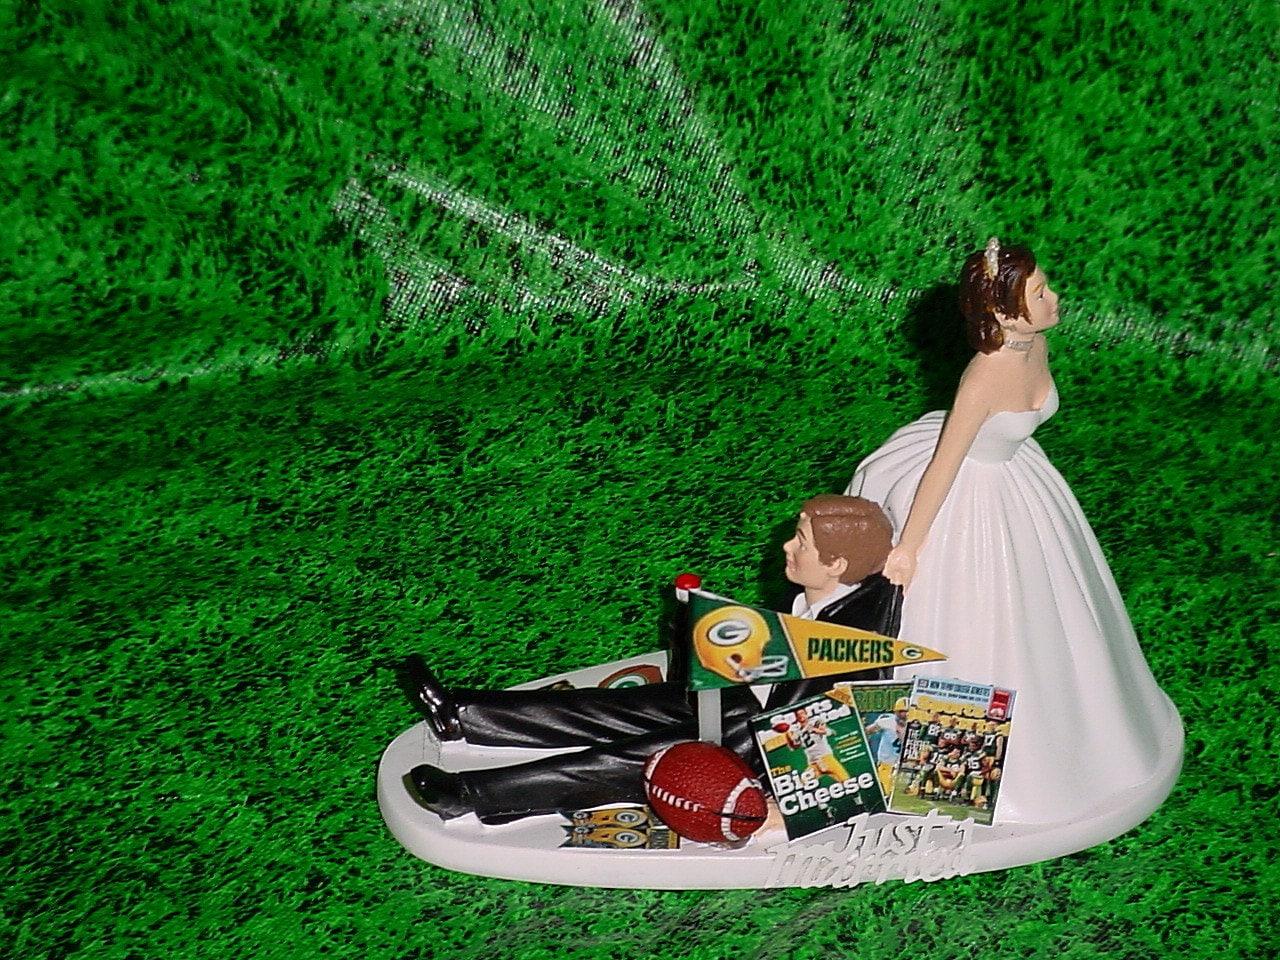 Green bay packers football fan sports strapless dress bride for Green bay packers wedding dress